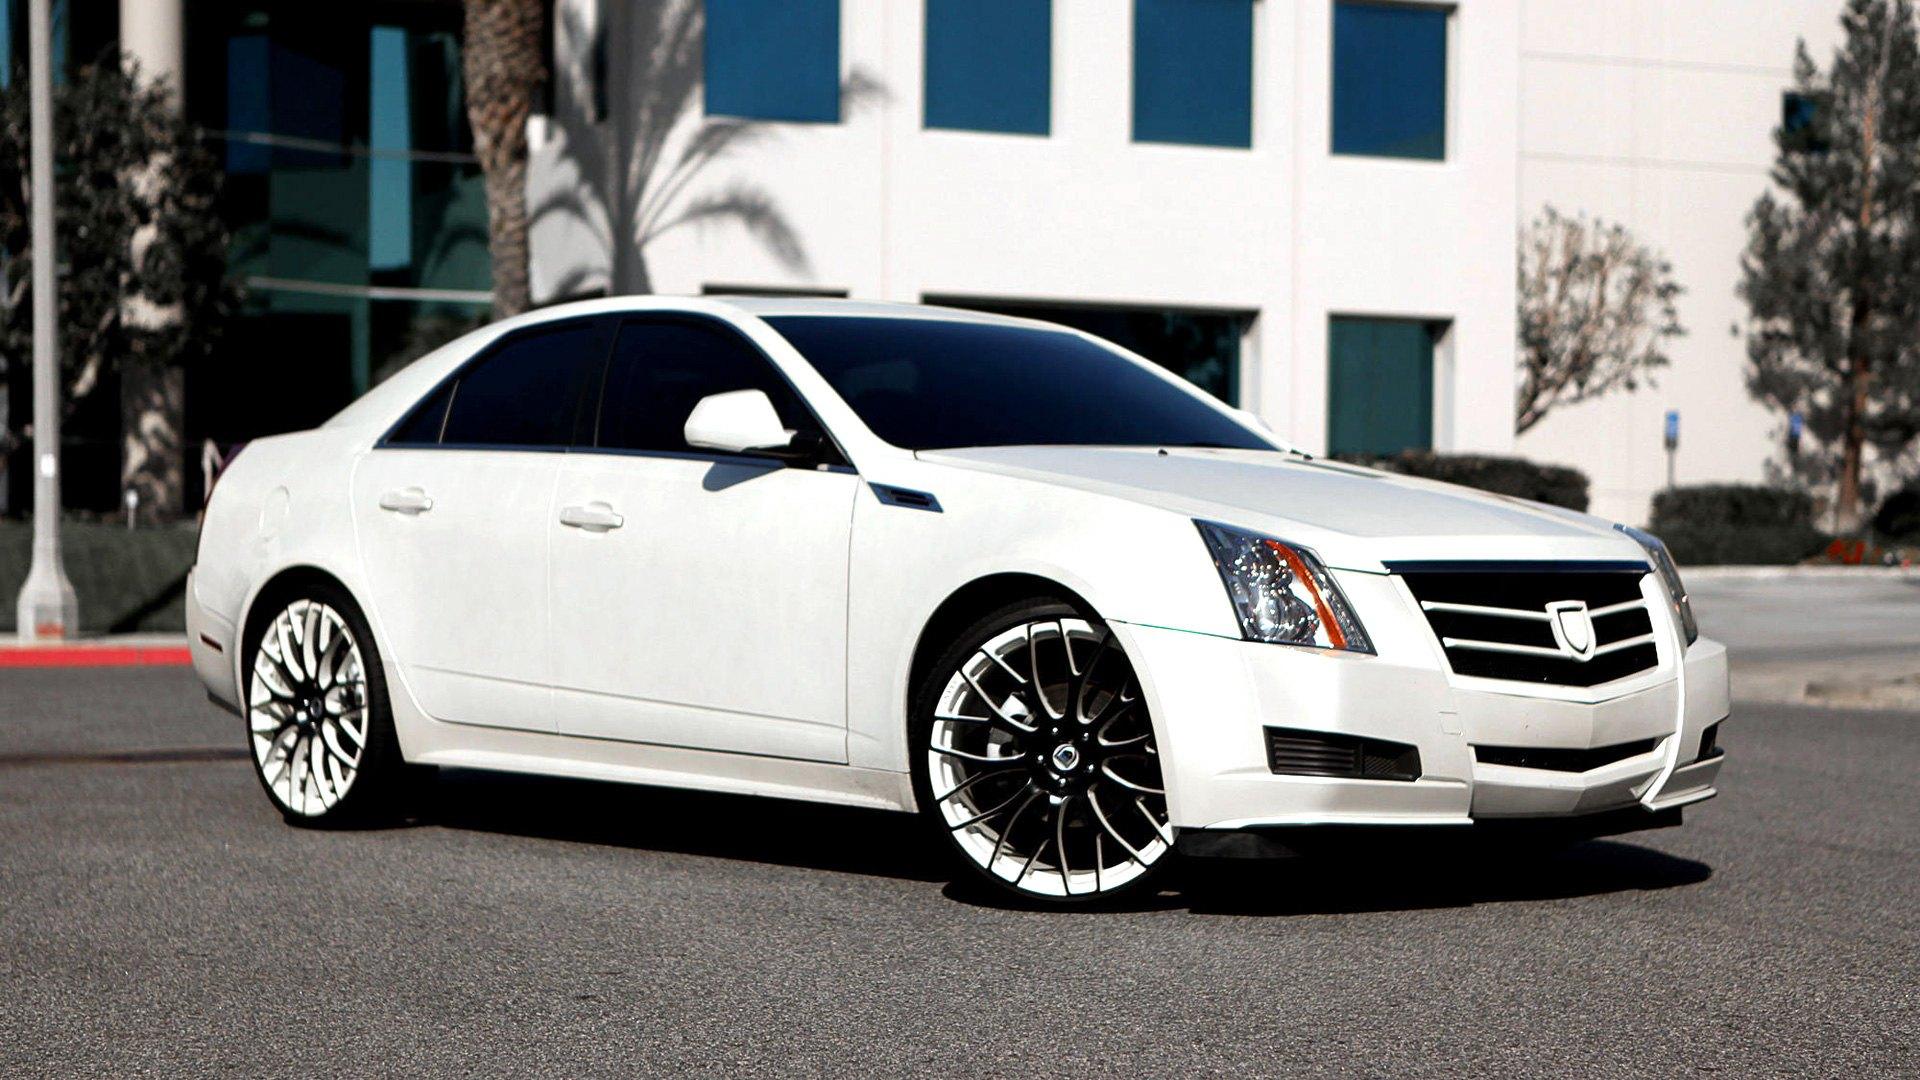 белый автомобиль джип Cadillac CTS Sedan white car jeep в хорошем качестве